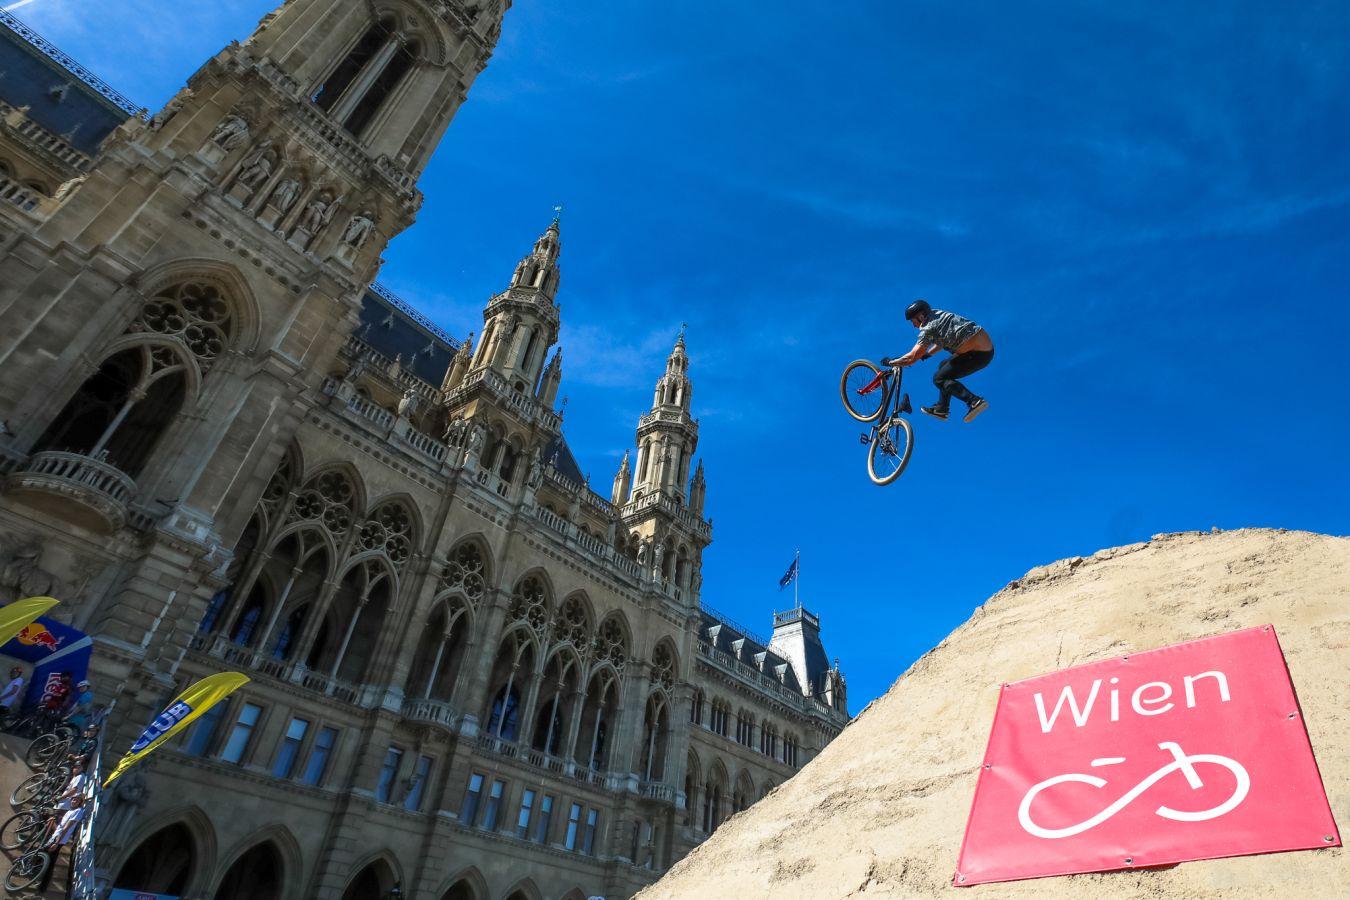 """Alles zu """"Wien radelt"""" beim ARGUS Bike Festival 2019"""